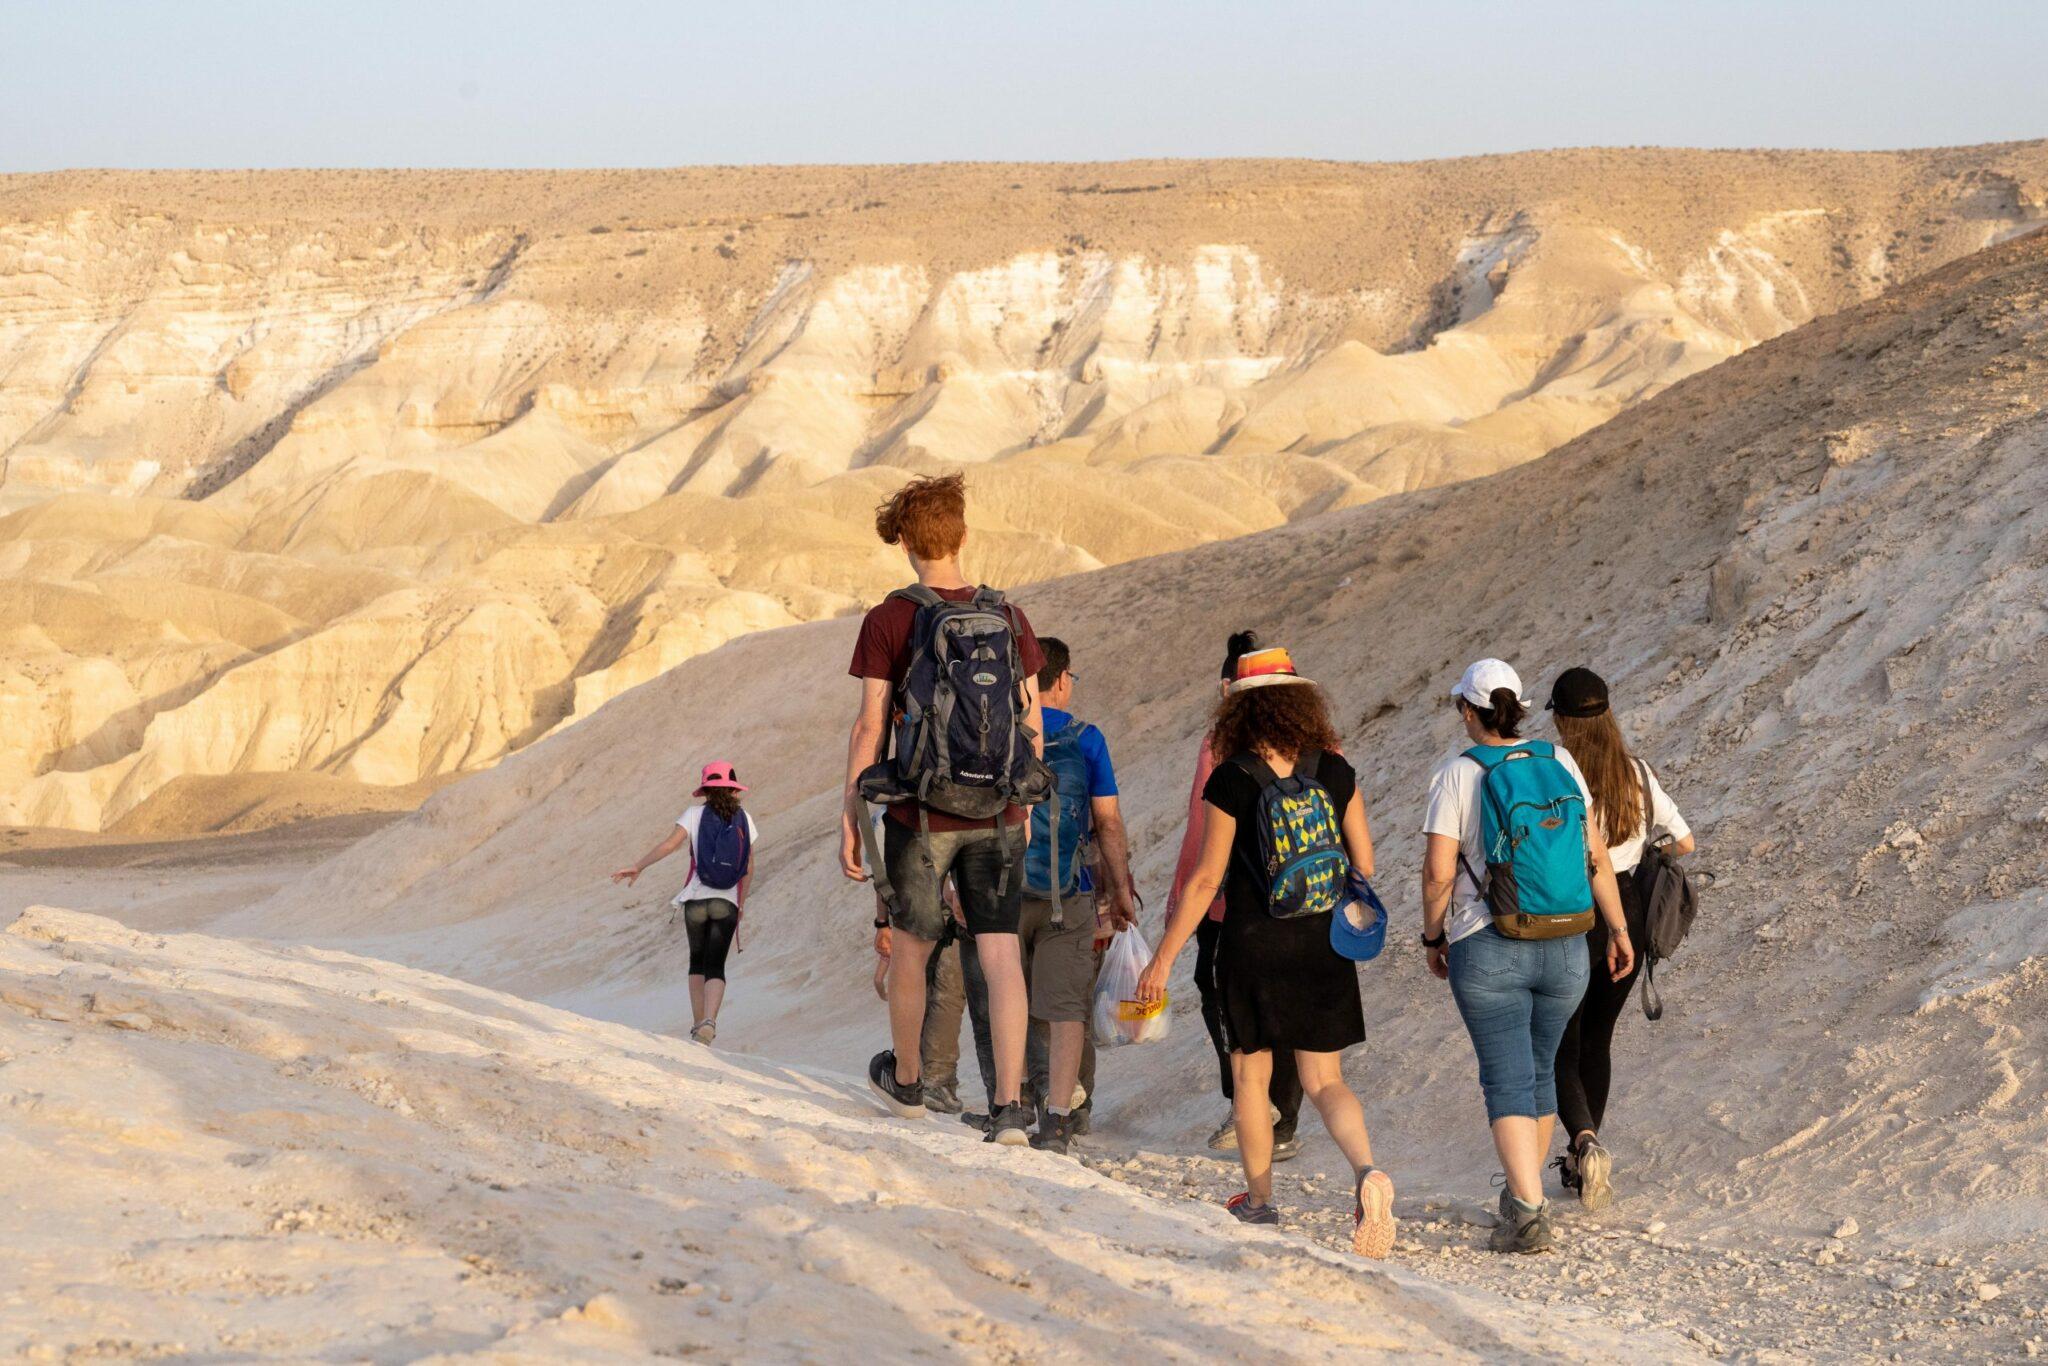 מטיילים צועדים בנחל חווארים, צילום מהגב